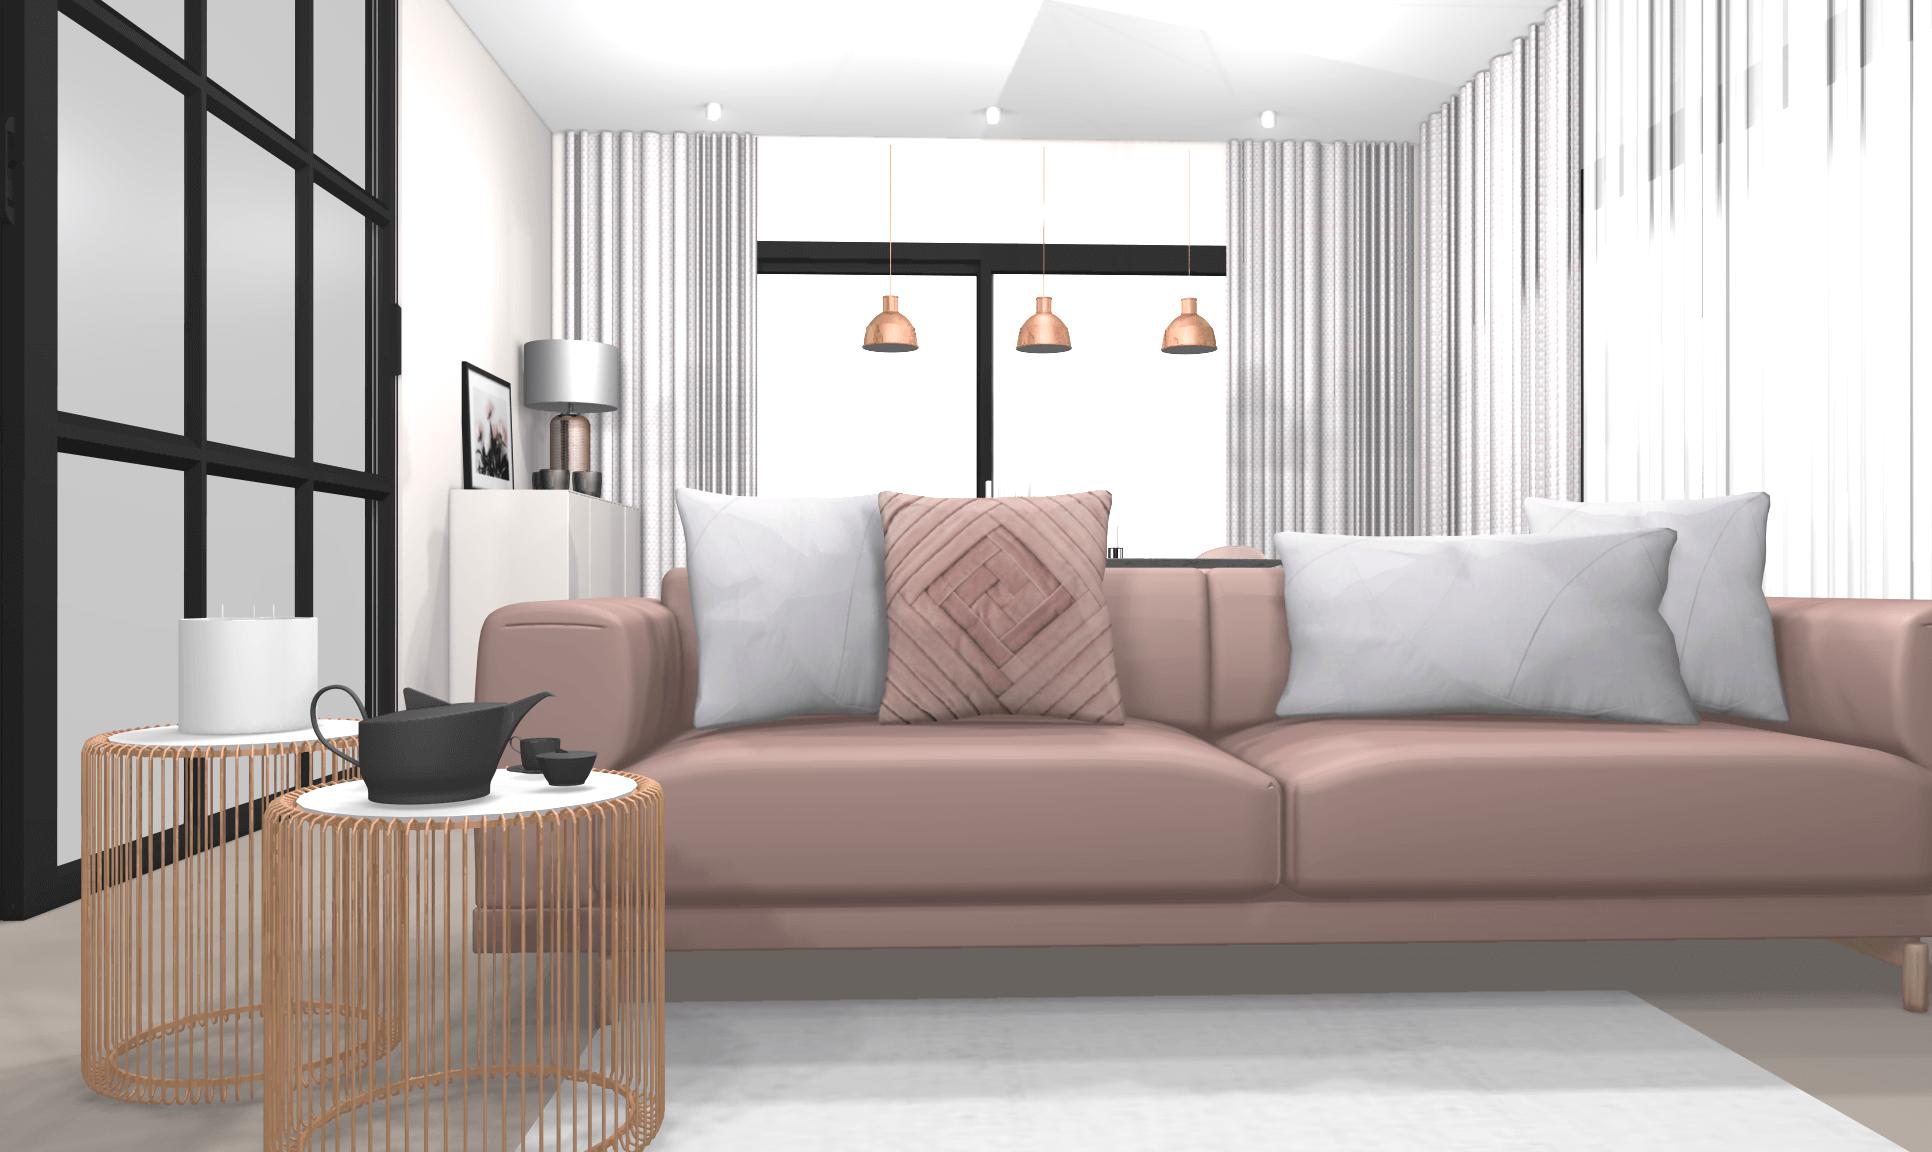 Wohnzimmer gemütlich einrichten Tipps von wohnly